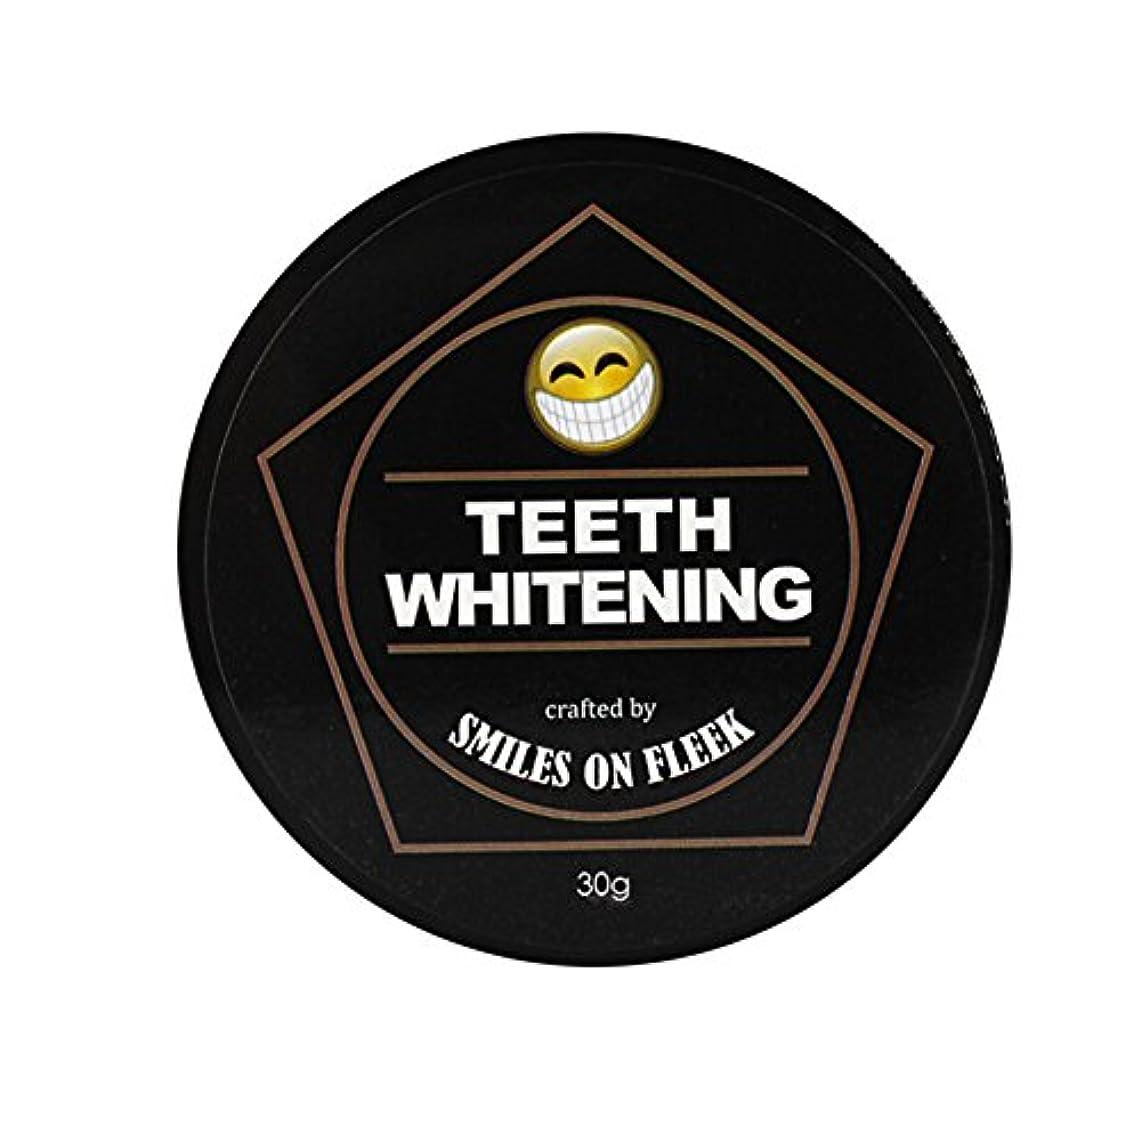 反対した明日サイレントTerGOOSE チャコールホワイトニング 歯のホワイトニング チャコール型 マイクロパウダー 歯のホワイトニング 食べれる活性炭 竹炭 黄ばみ落とし 口臭 ヤニ取り 口がスッキリ 30mg